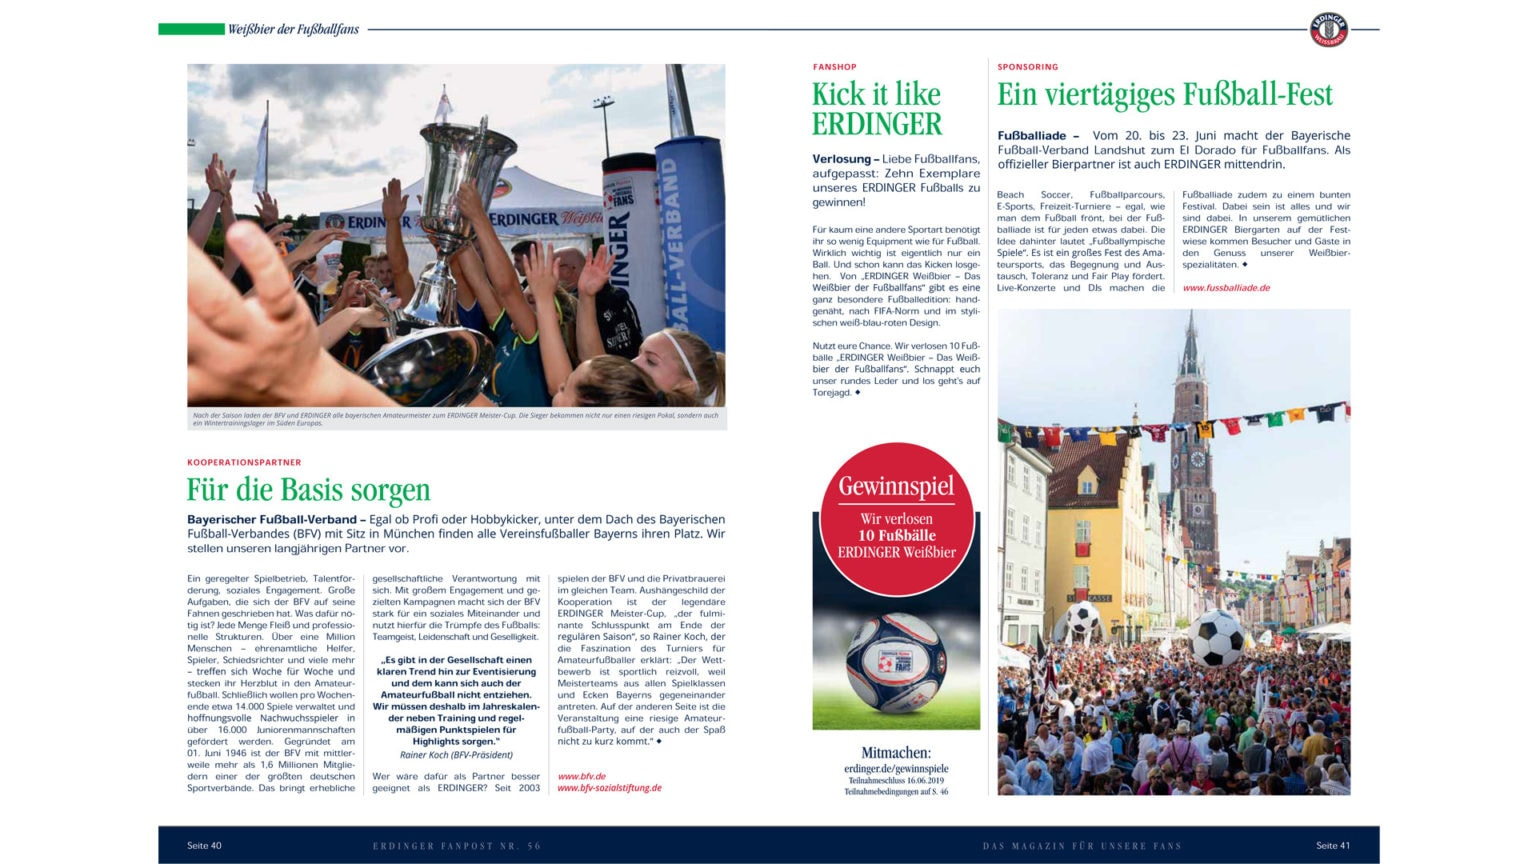 kiecom_ERDINGER Fanpost_Weißbier der Fußballfans